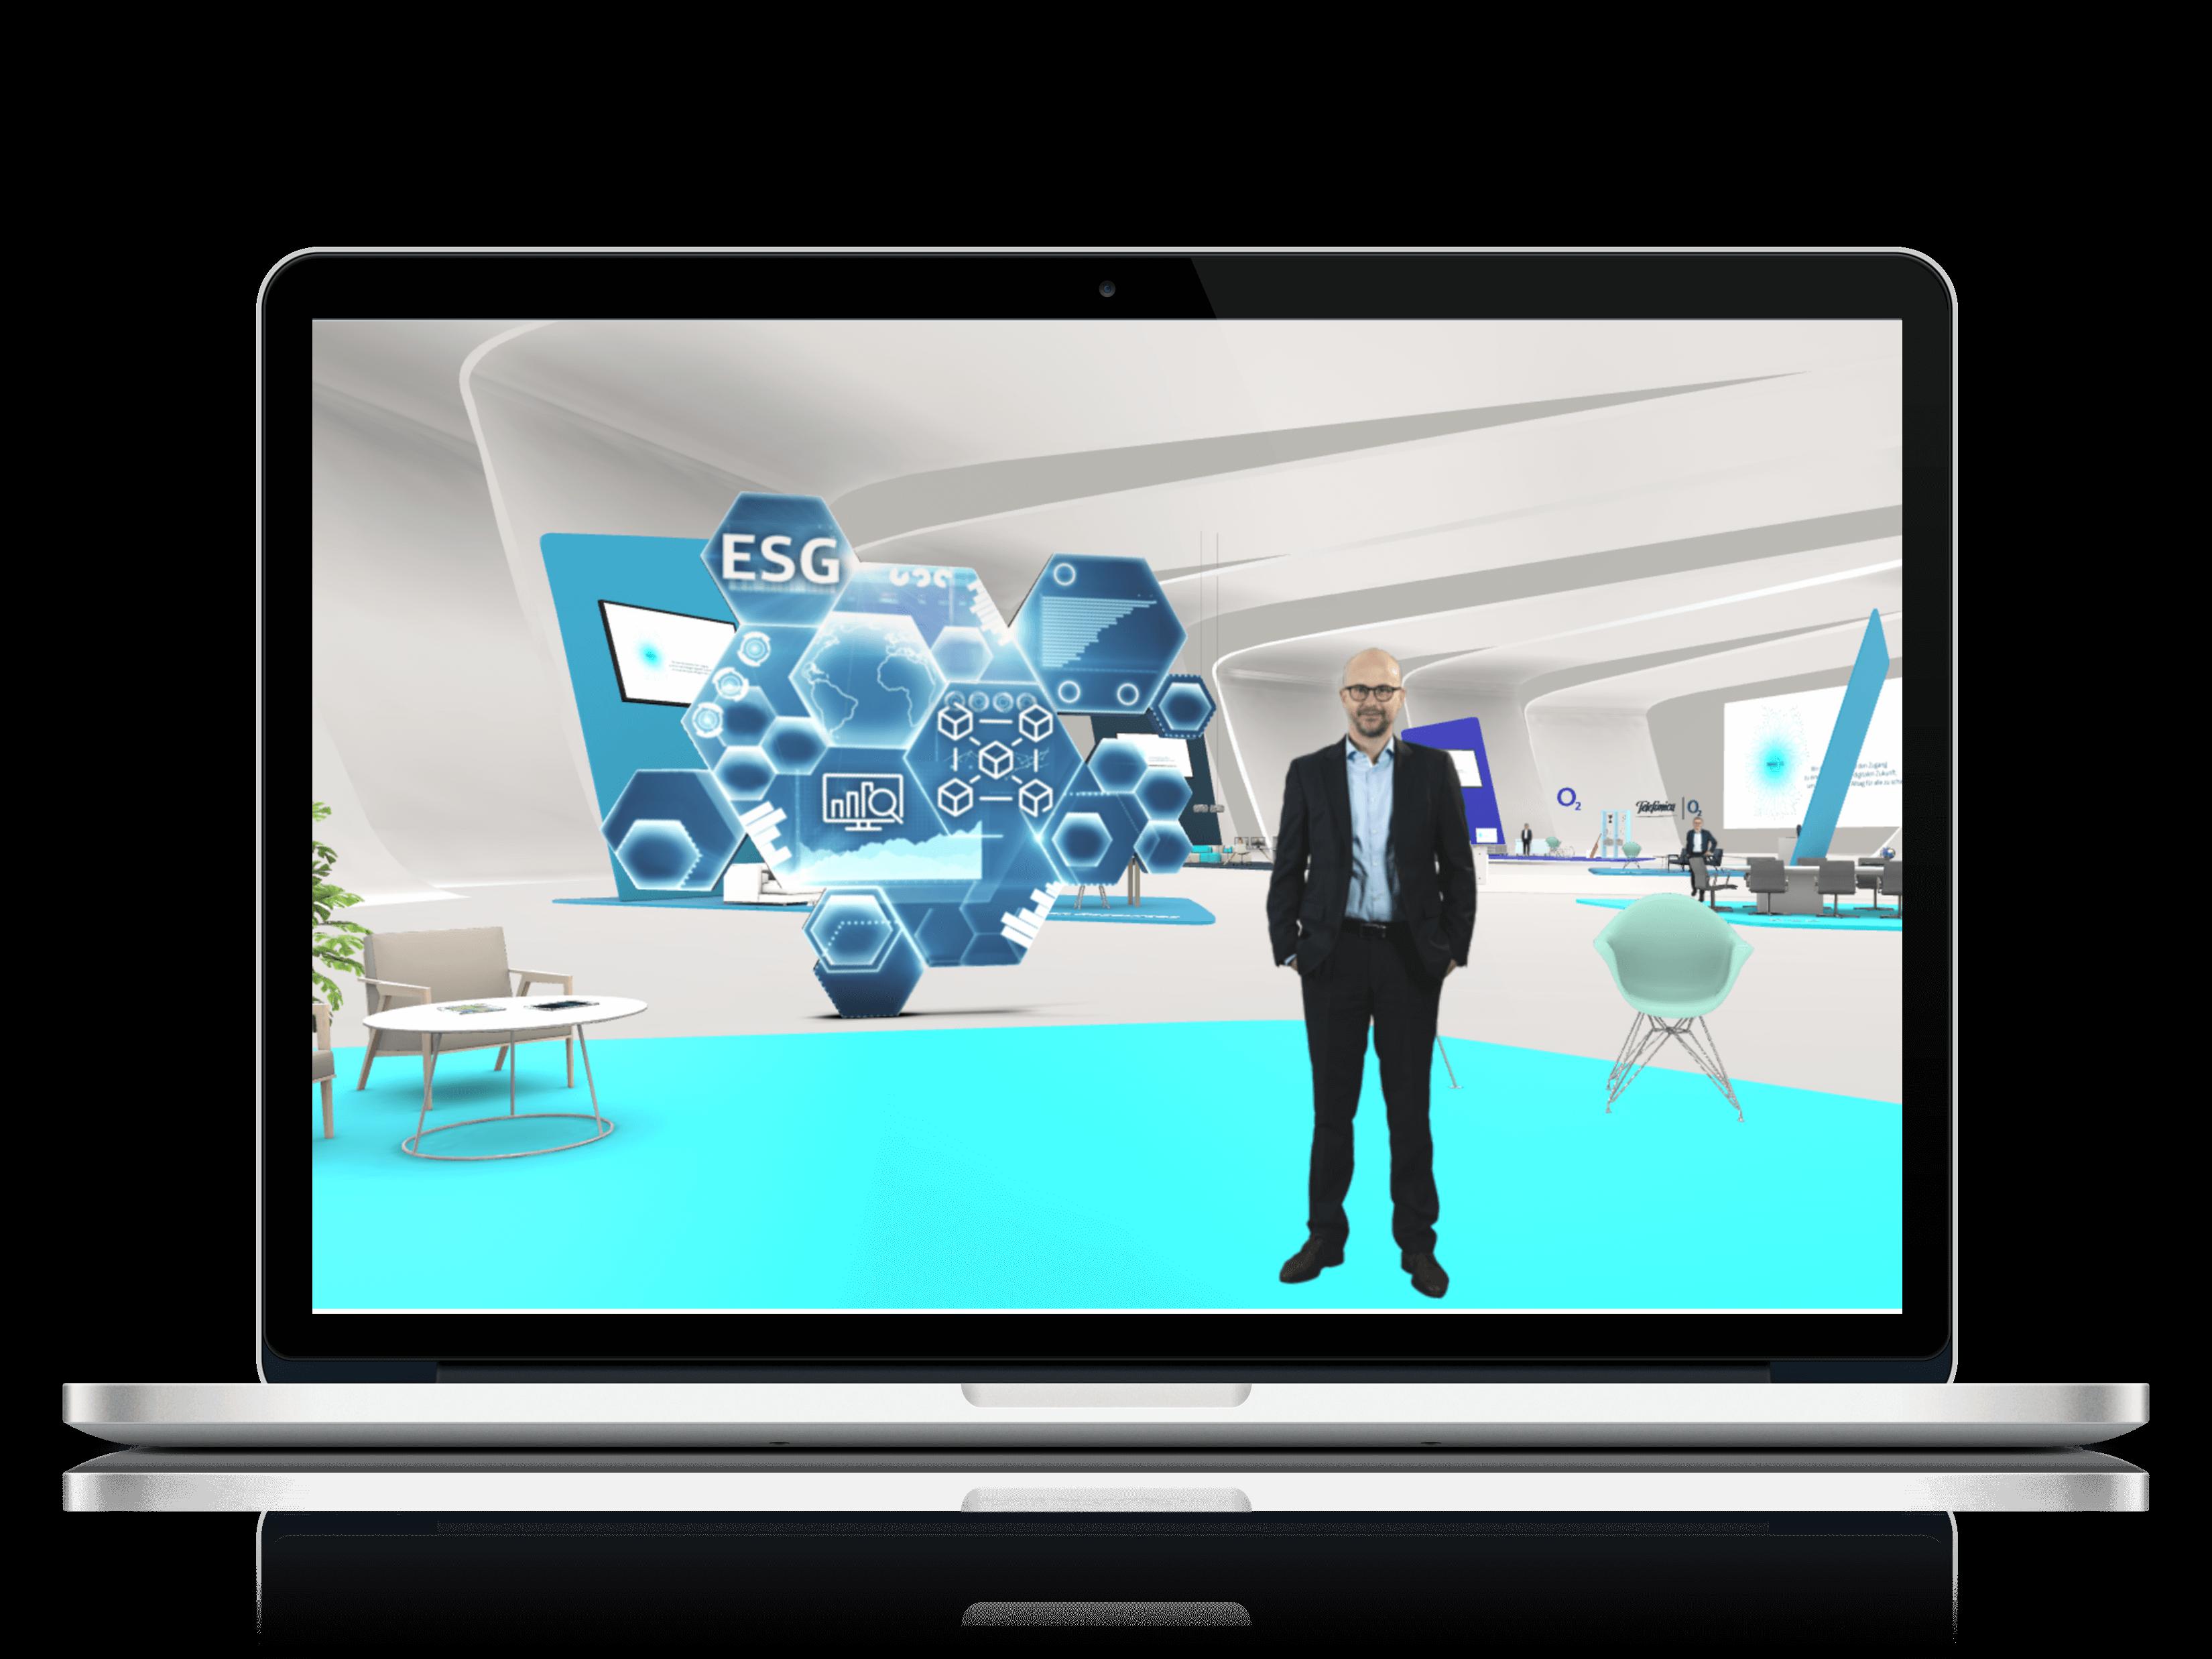 Mockup virtual social gathering